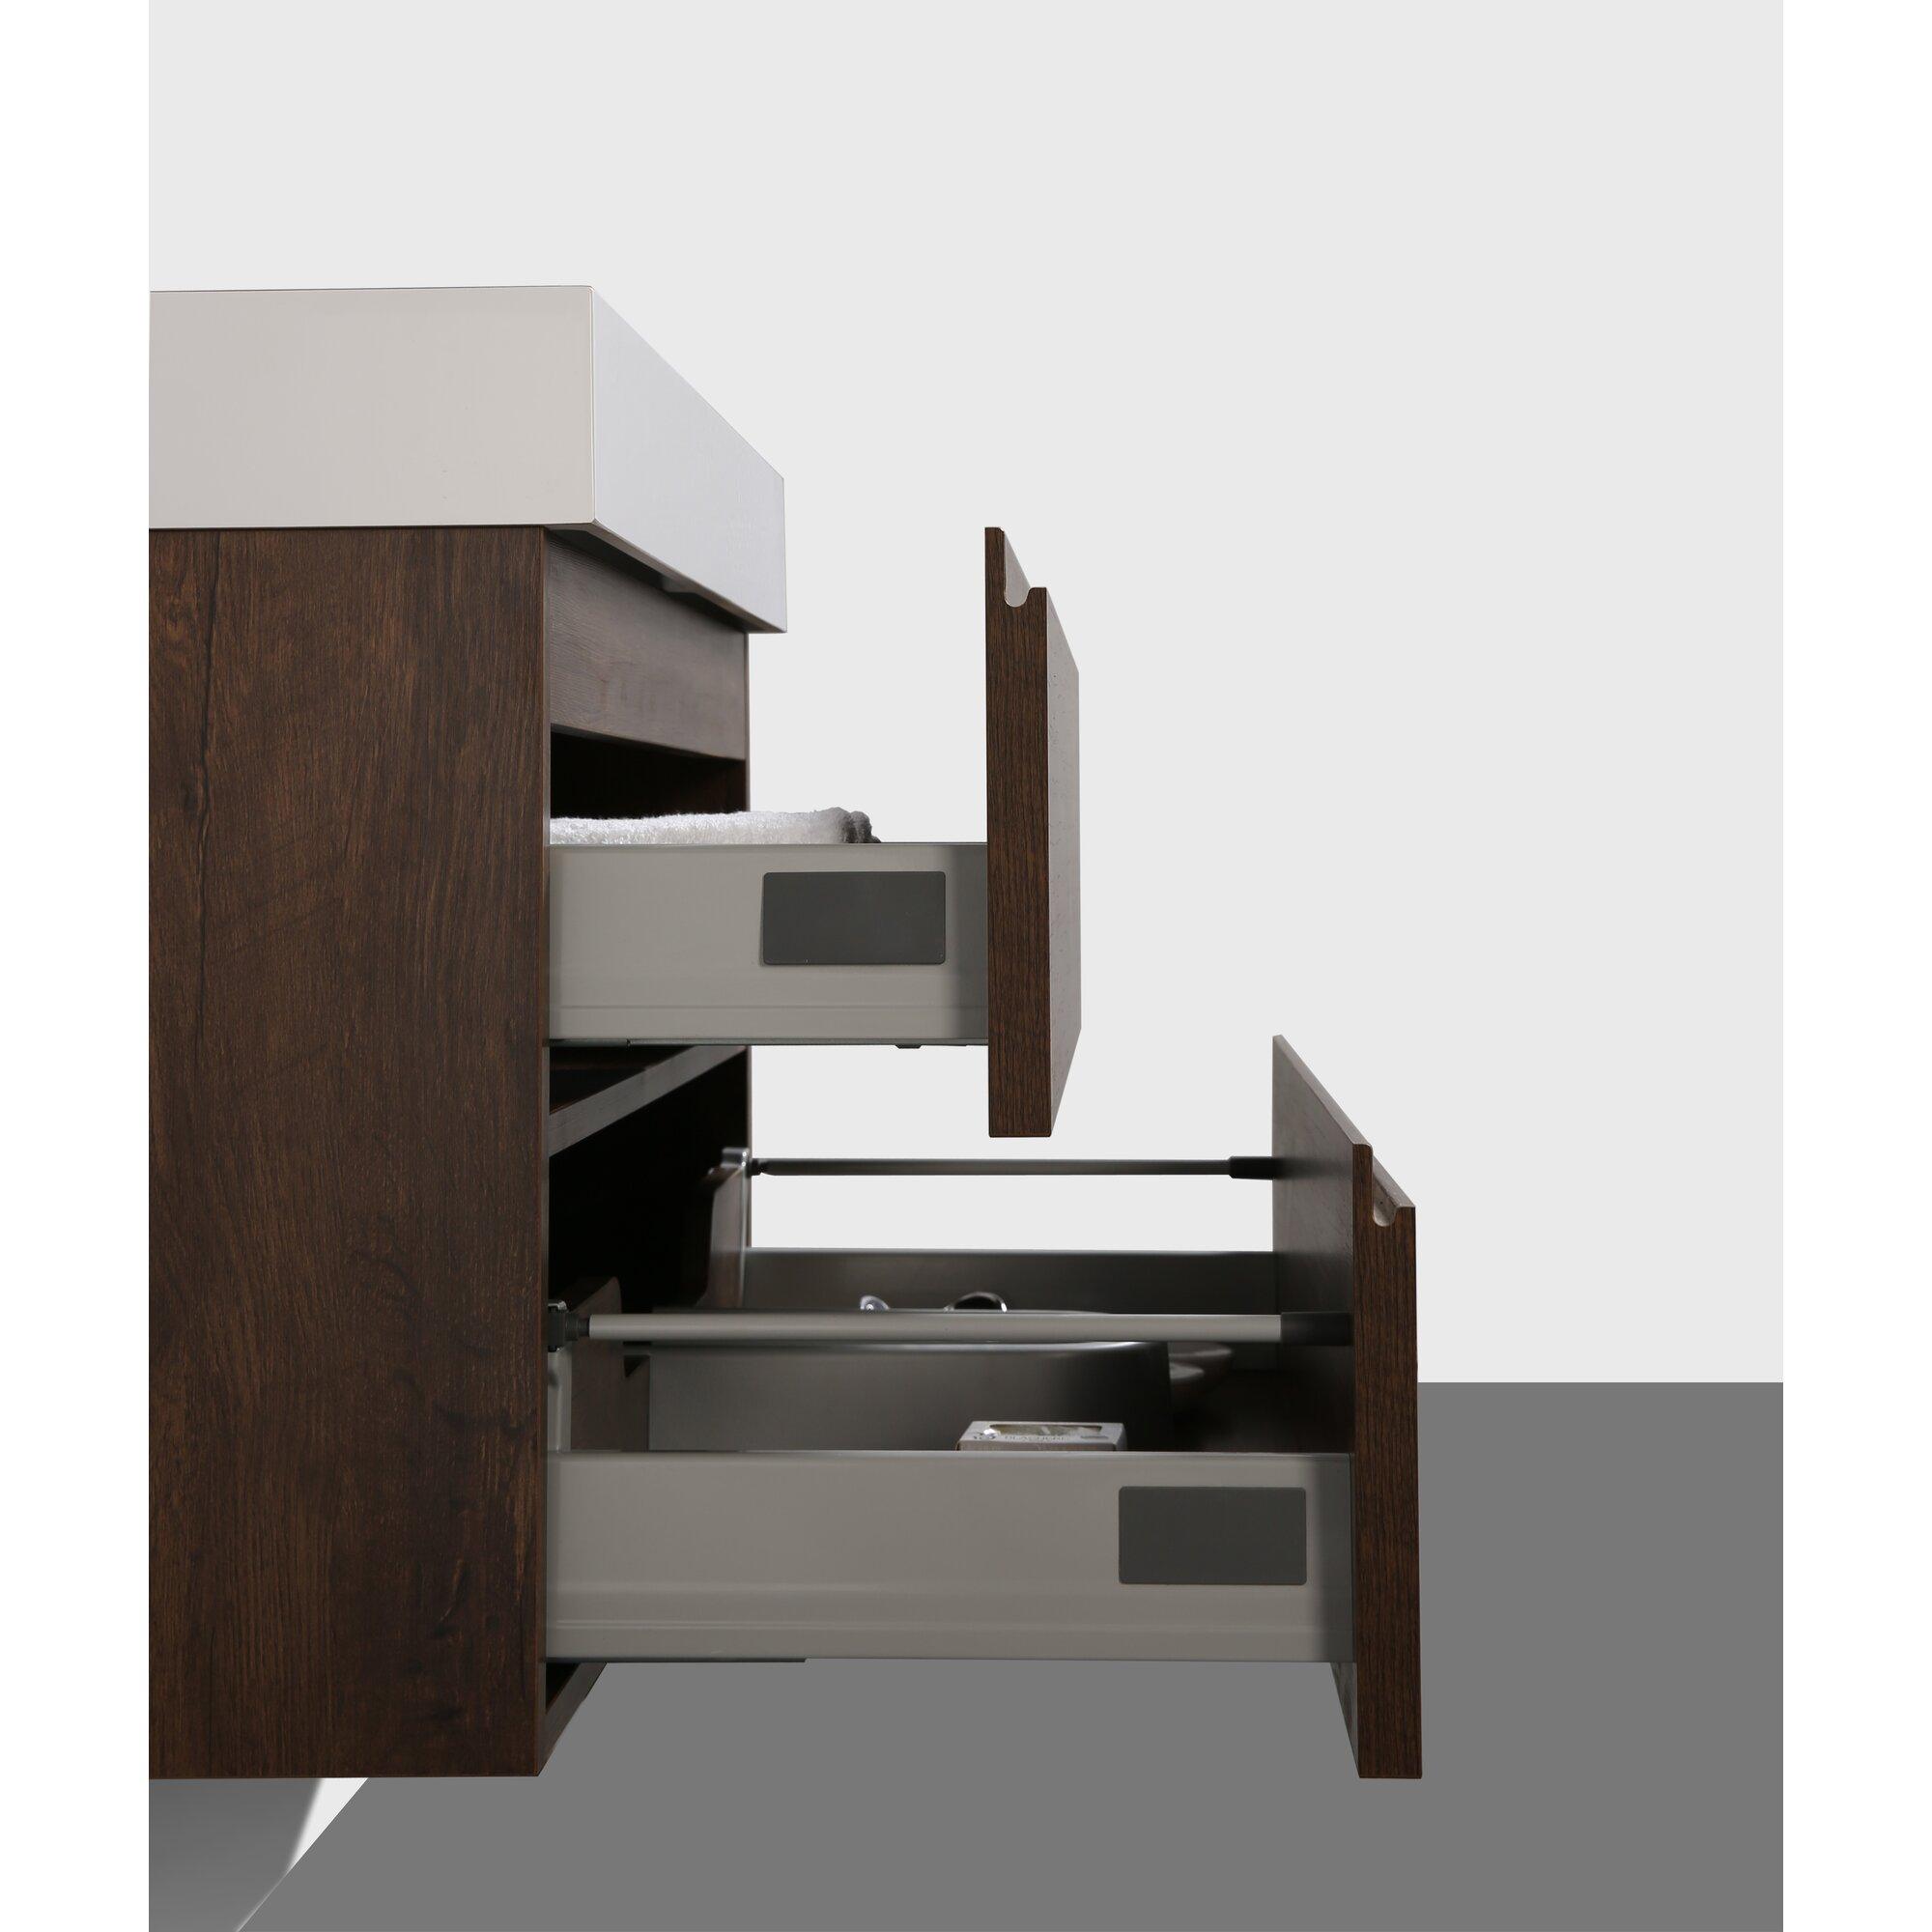 Orren ellis sinope 29 5 single bathroom vanity set for Levi 29 5 single modern bathroom vanity set